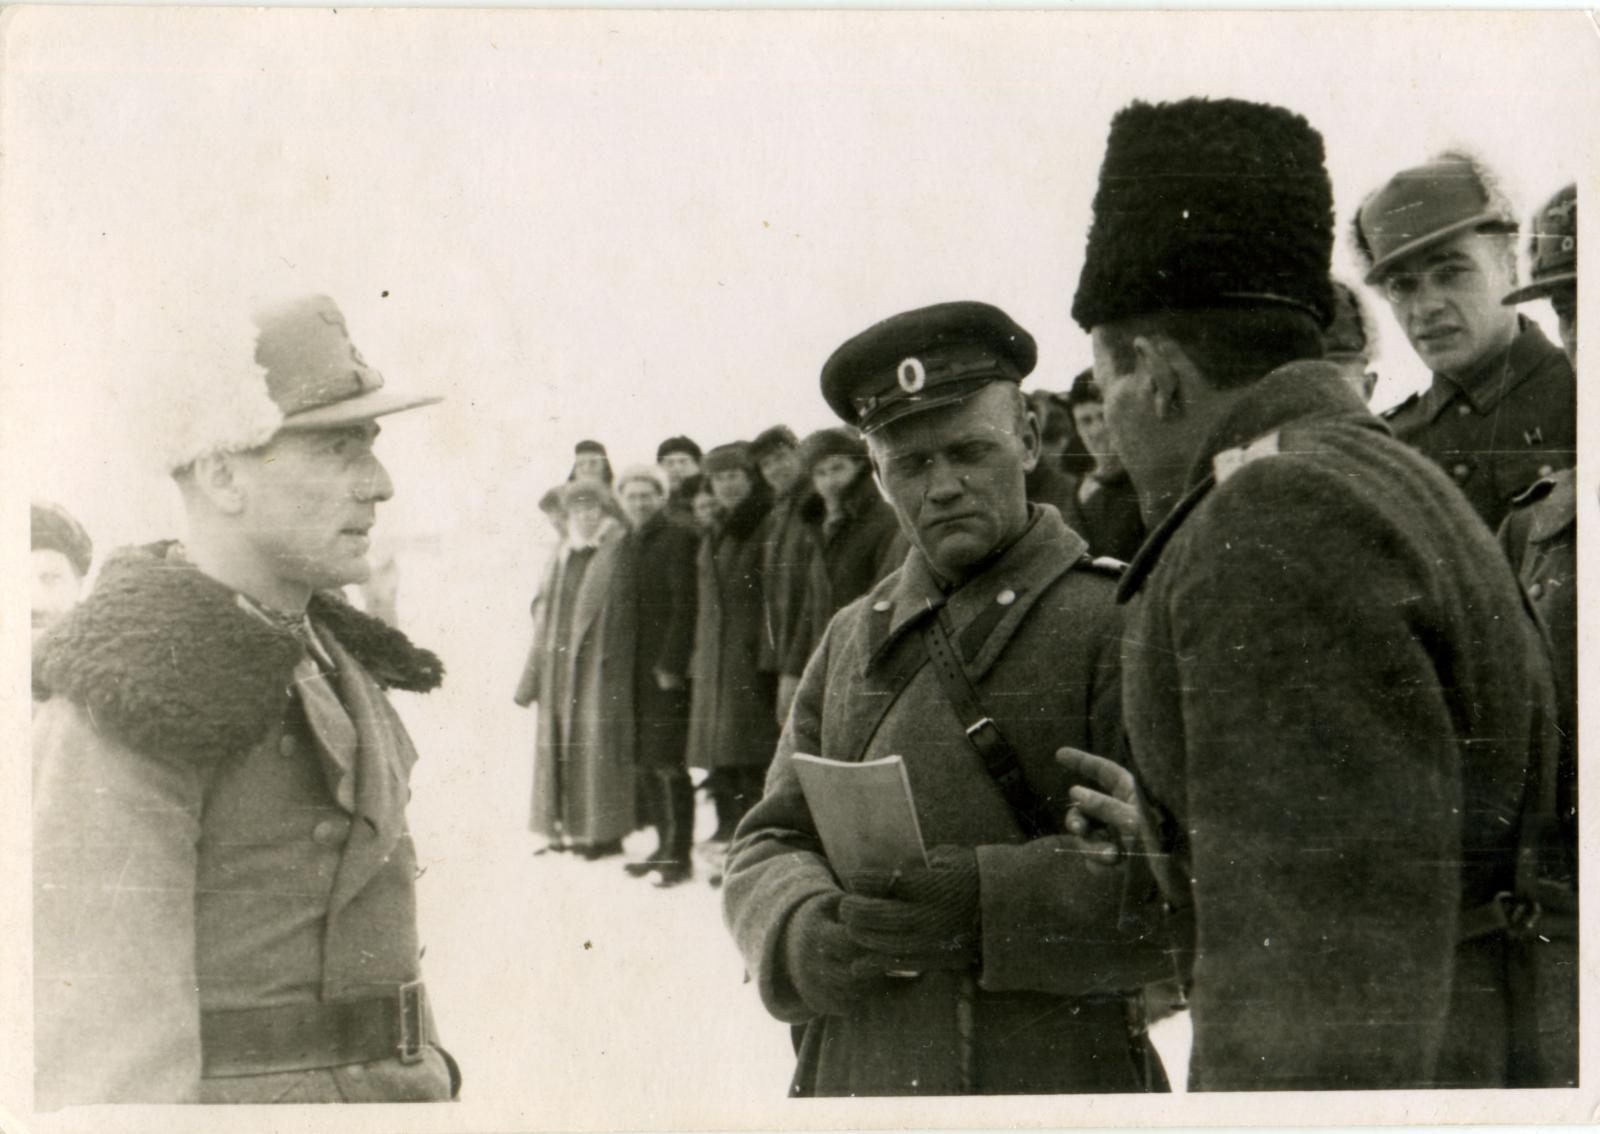 Командный состав 403-го казачьего кавалерийского дивизиона. Свердловск